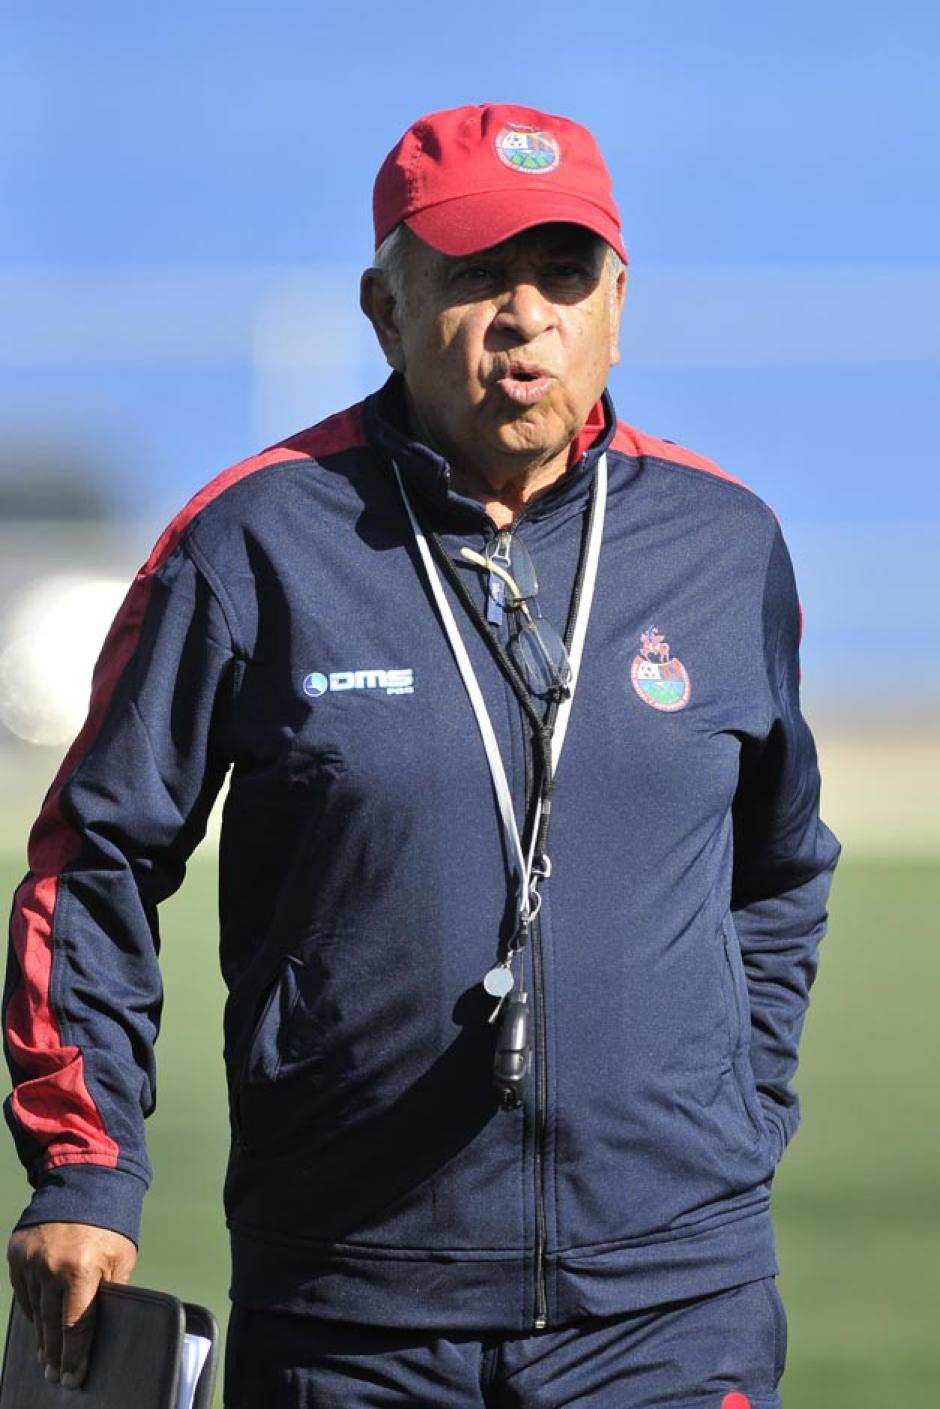 El último club que dirigió Ruiz fue el deUniversidad San Martín que participa en la Primera División de Perú. (Foto: Diego Galeano/Nuestro Diario)